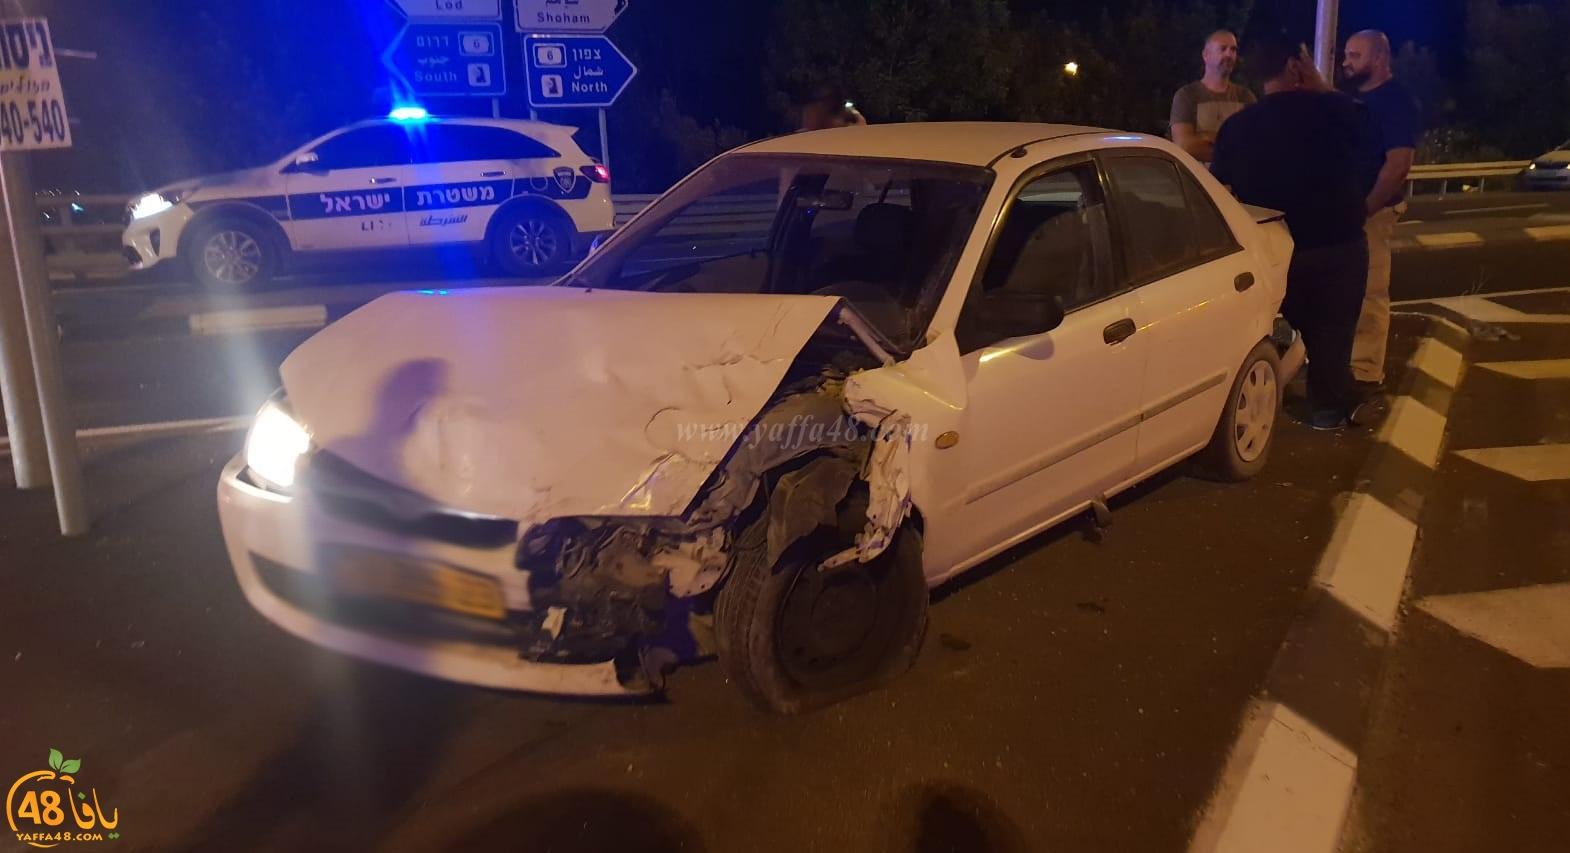 بالصور: اصابة 3 أشخاص بحادث طرق في مفرق بن شيمن